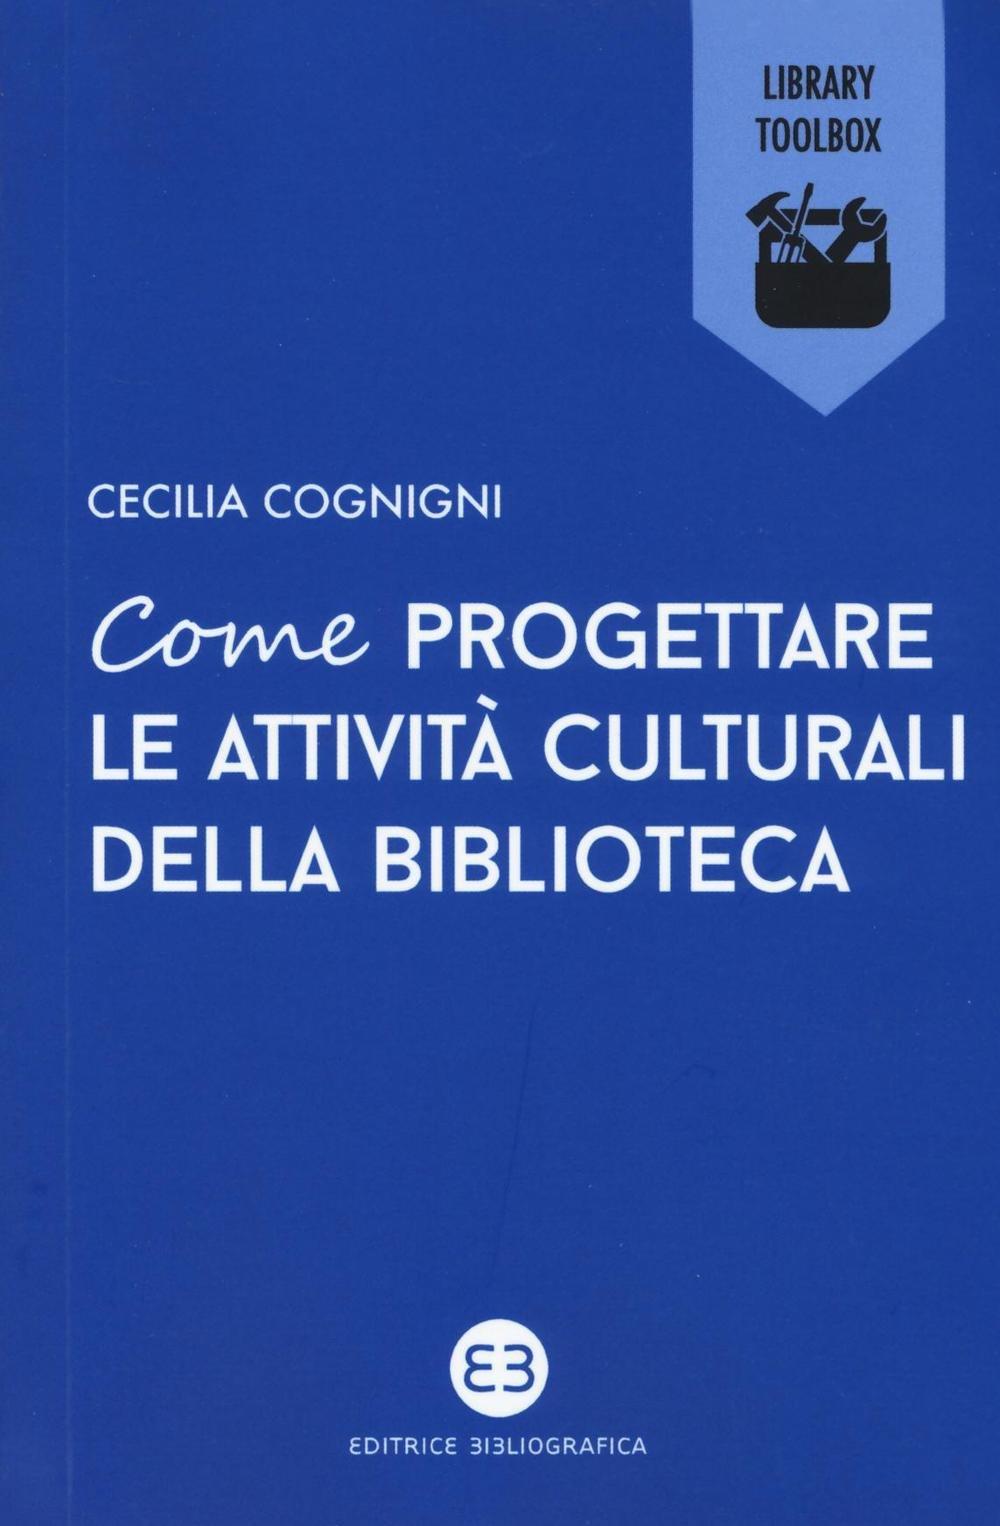 Come progettare le attività culturali della biblioteca Copertina flessibile – 8 set 2016 Cecilia Cognigni Editrice Bibliografica 8870758990 Saggistica